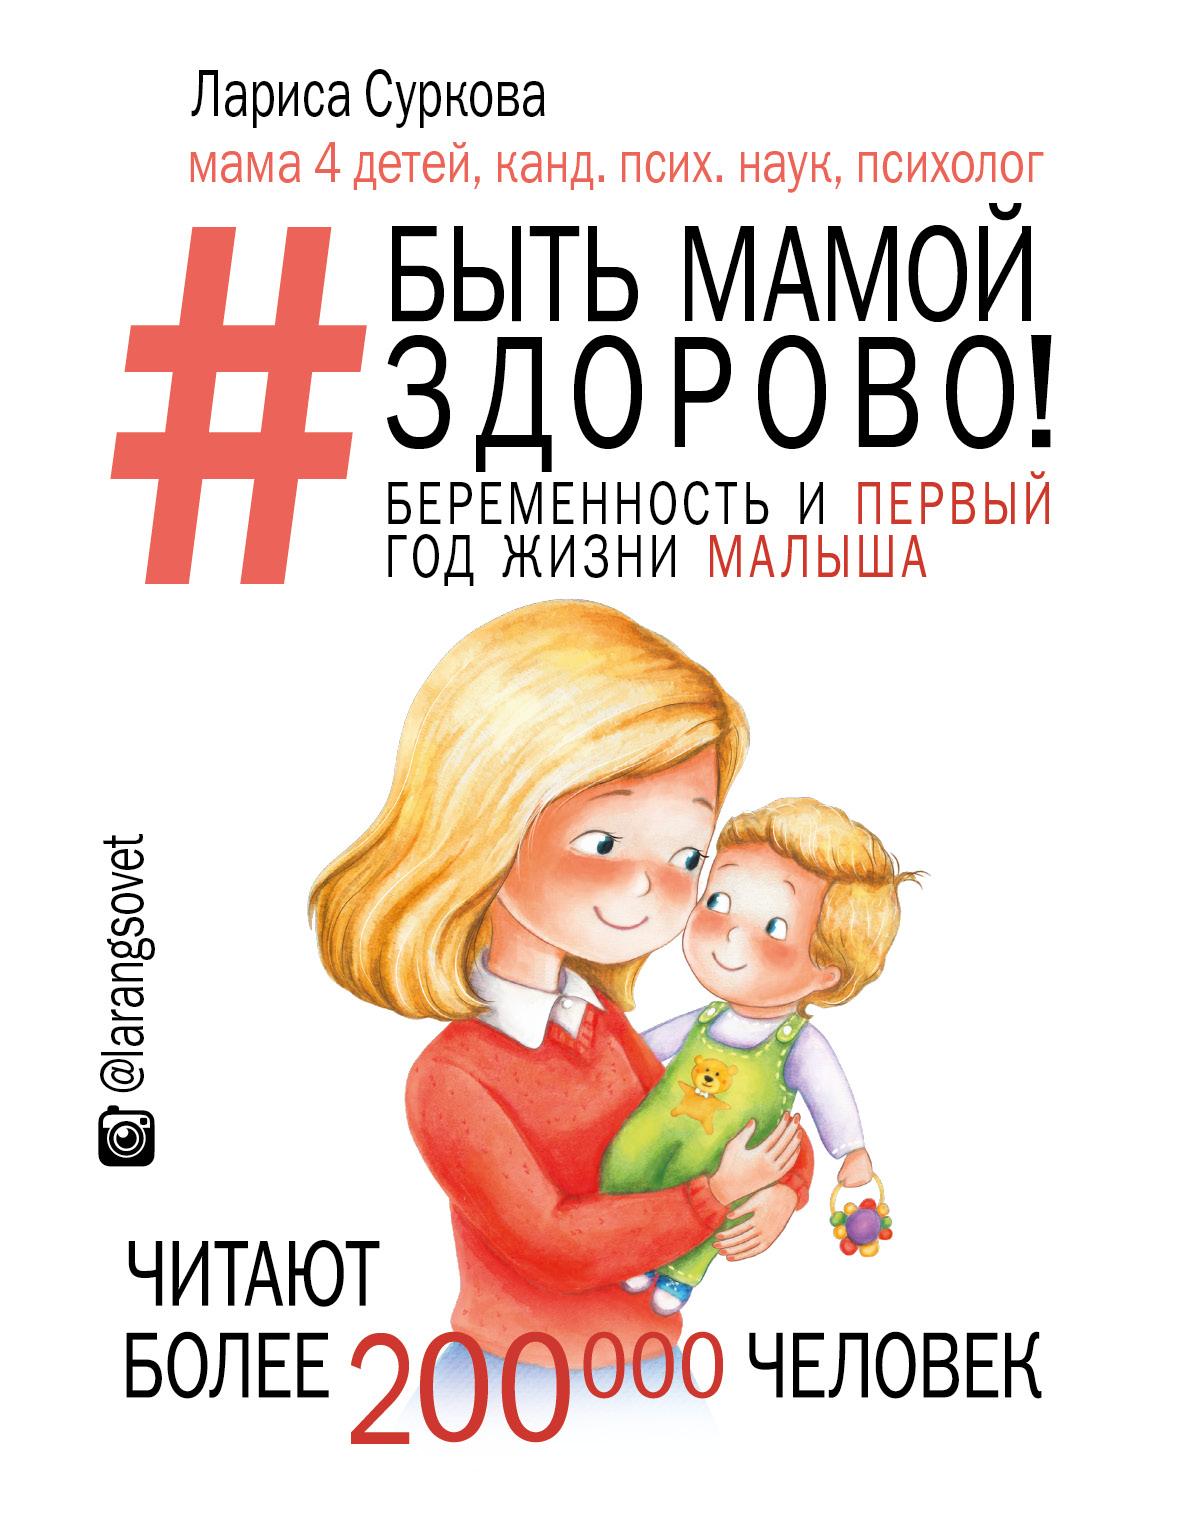 «Быть мамой здорово»